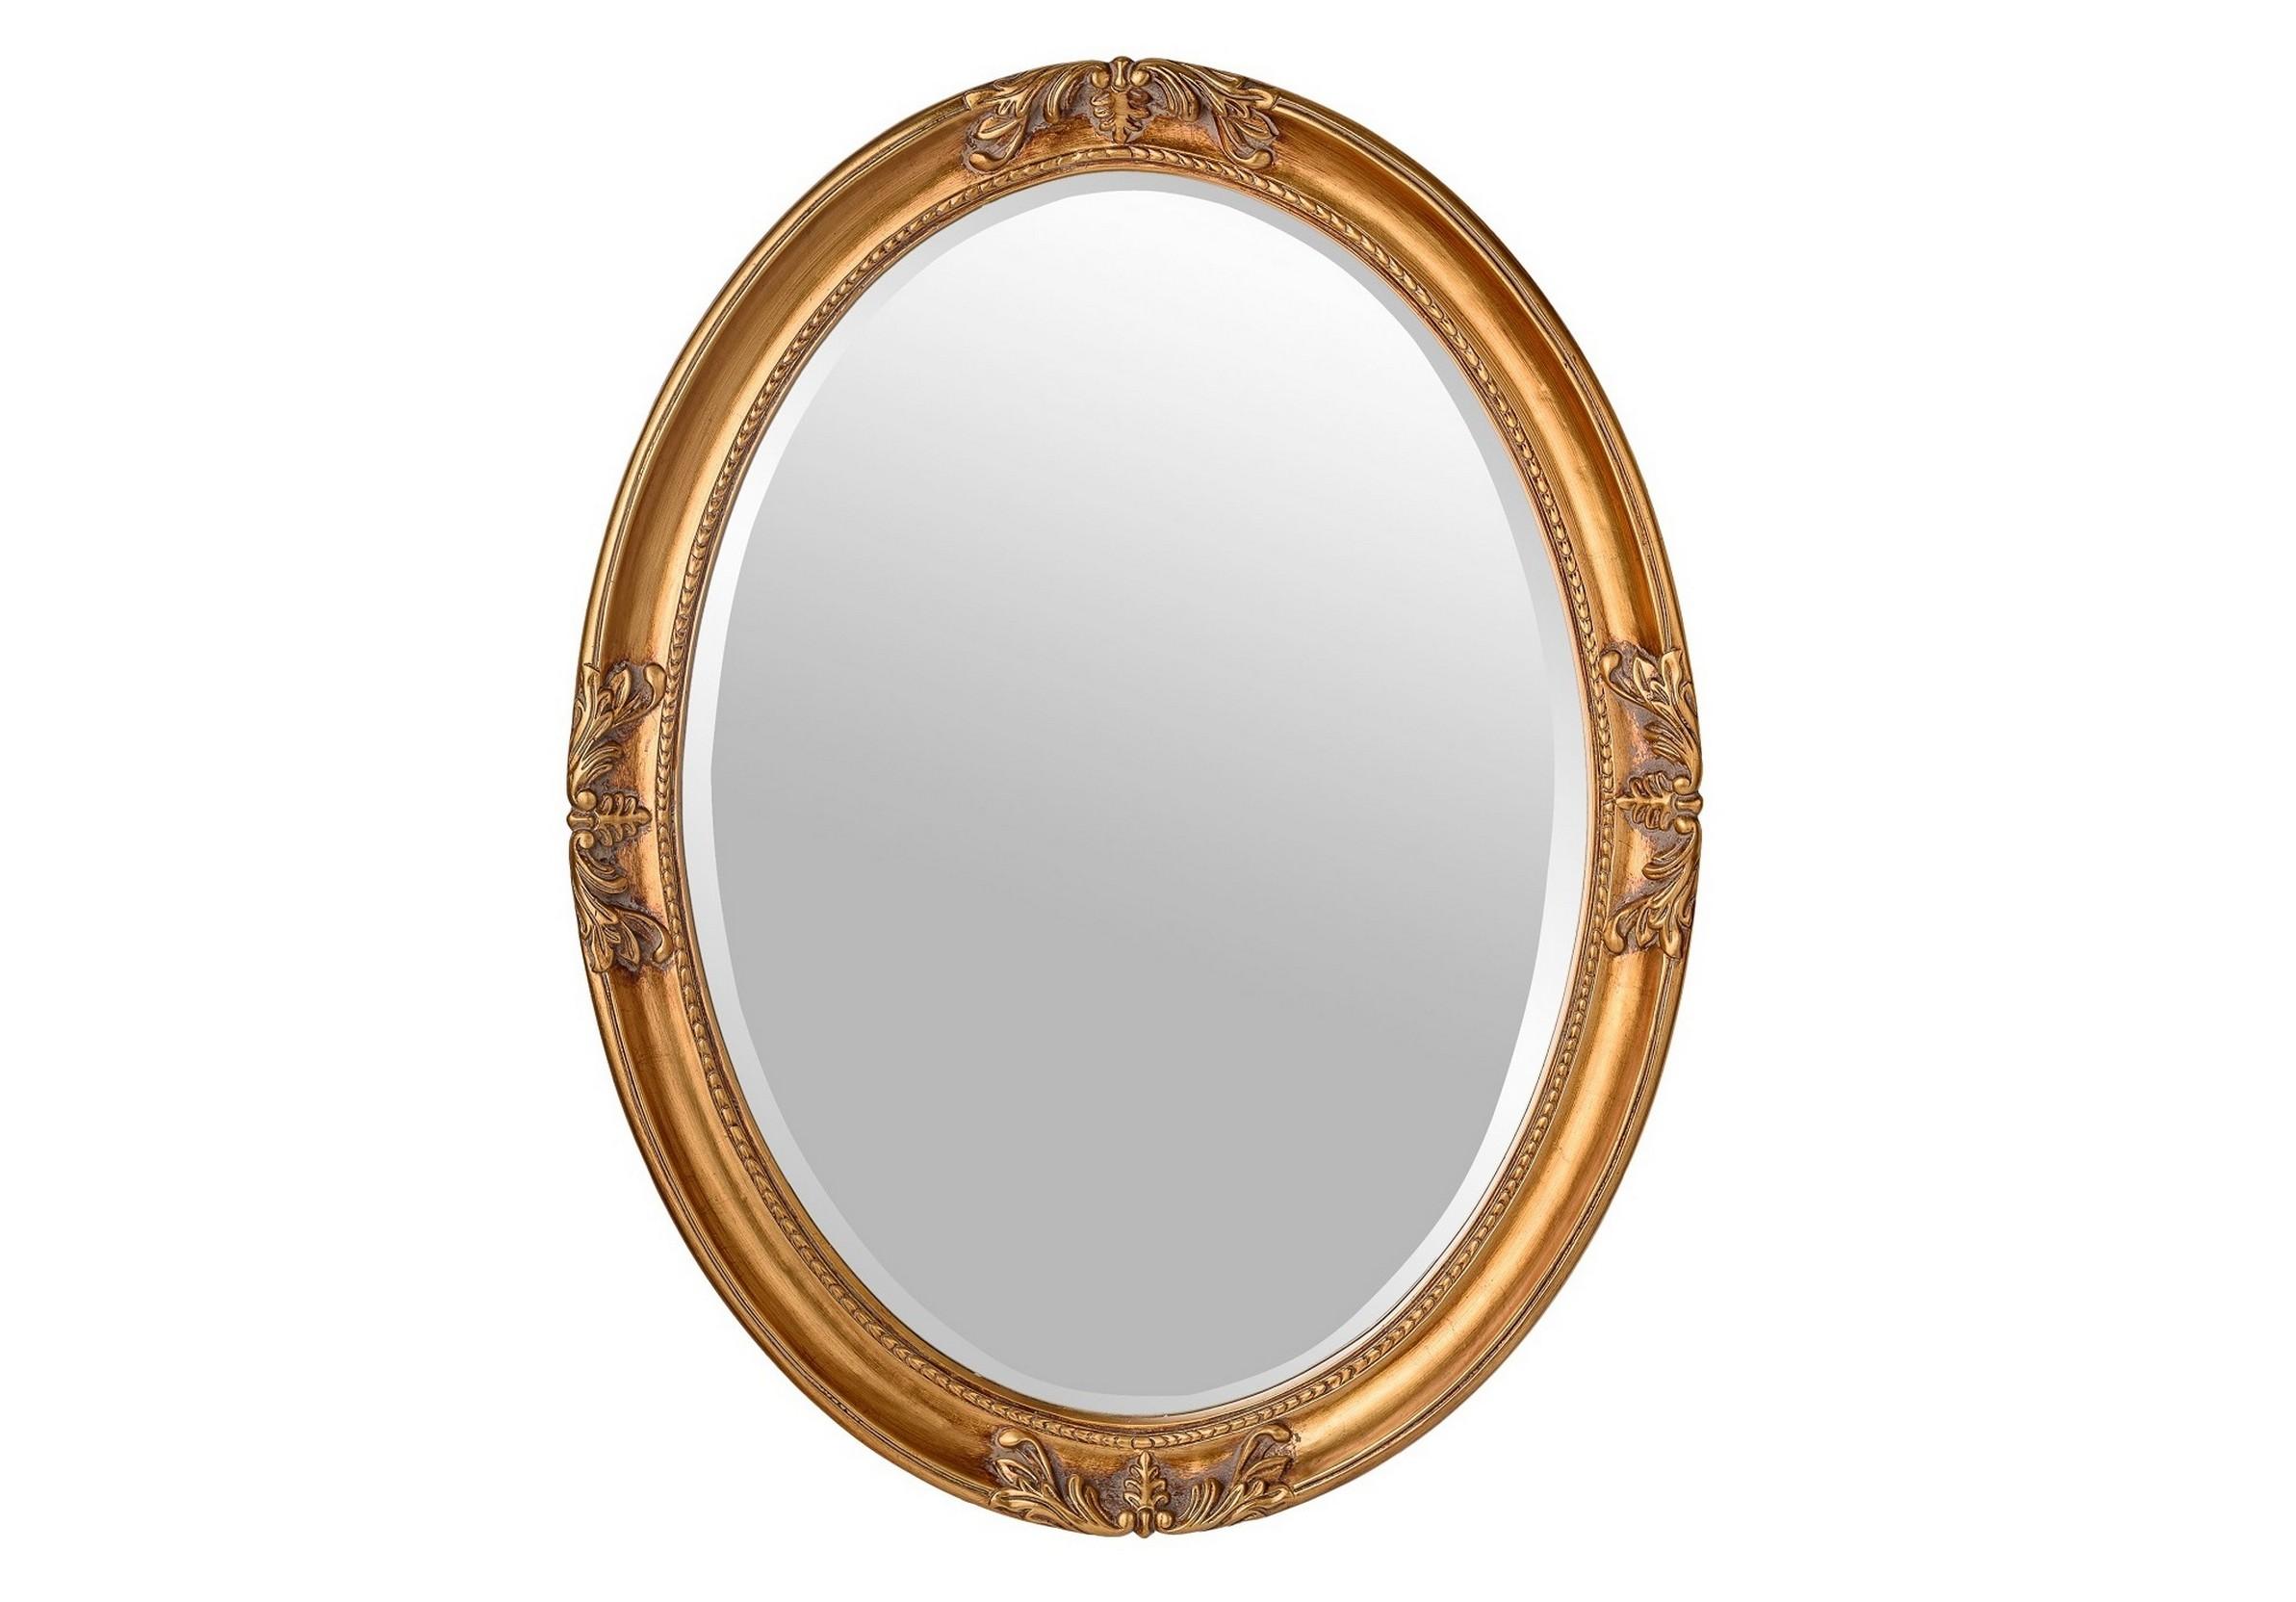 Зеркало Parigi GoldНастенные зеркала<br>Материал: Влагостойкое серебряное зеркало<br>Материал рамы: Полирезина<br>Цвет зеркала/рамы: Античное золото<br><br>Размер внешний, с рамой: 62*82 см<br>Размер зеркала без рамы: 49*68,5 см<br><br>Material: Пластик<br>Length см: None<br>Width см: 62<br>Depth см: None<br>Height см: 82<br>Diameter см: None